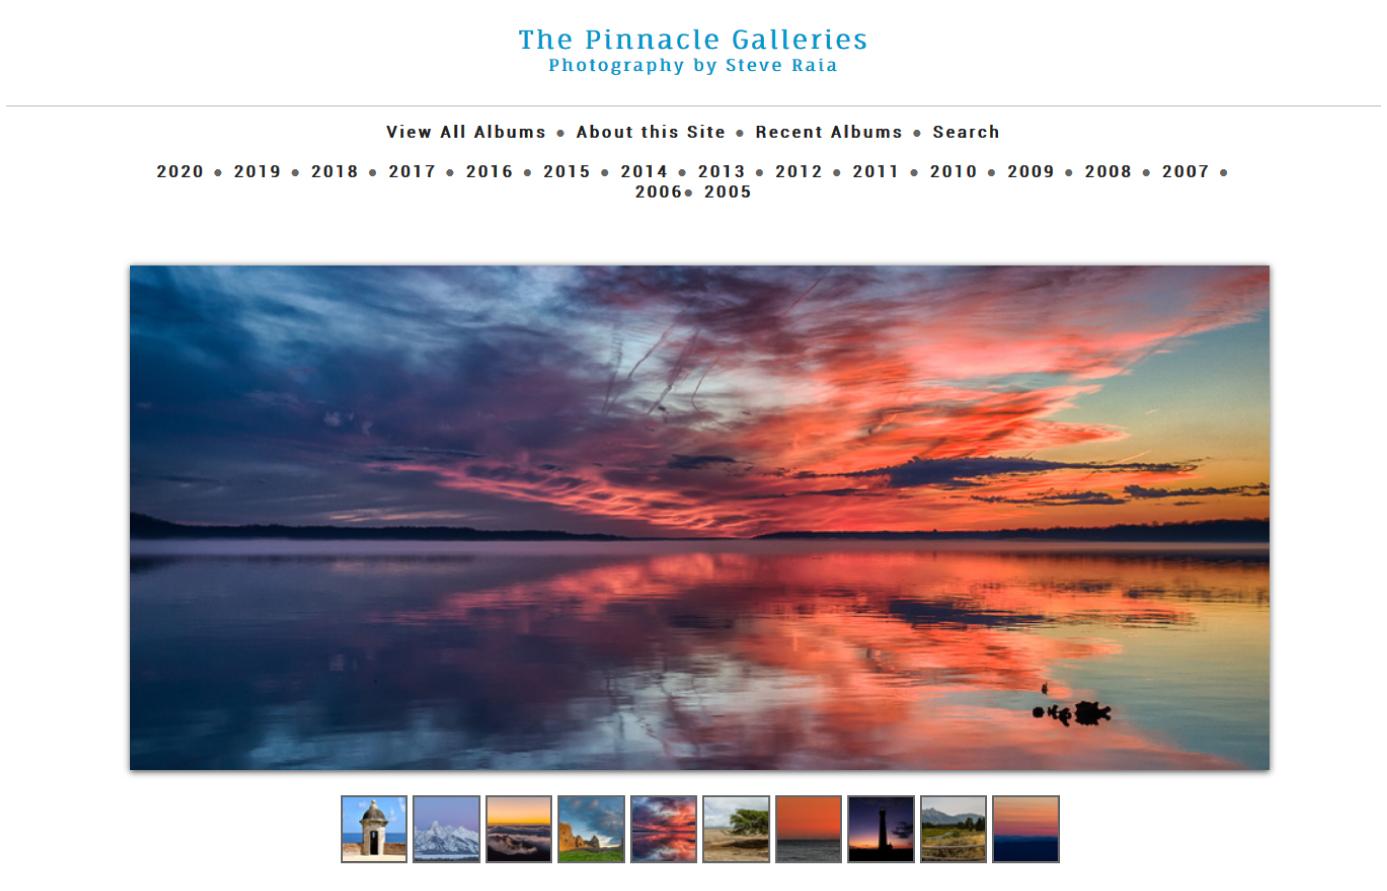 The Pinnaccle Galleries